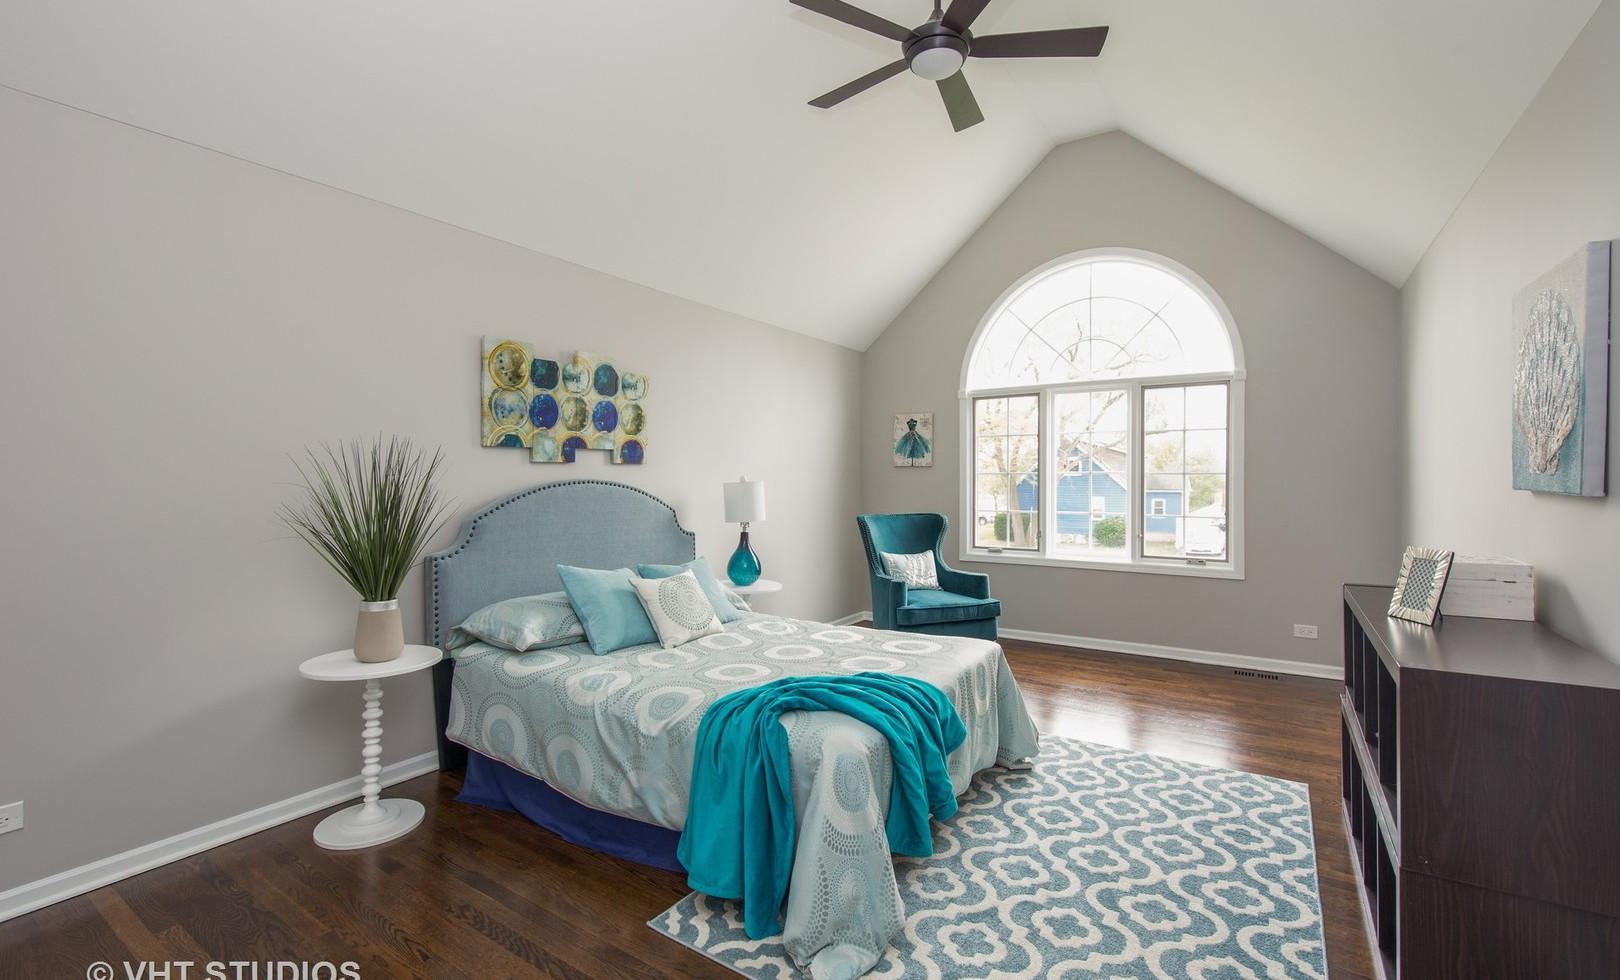 Bedroom in Orland Park designed by MRM Home Design.jpg